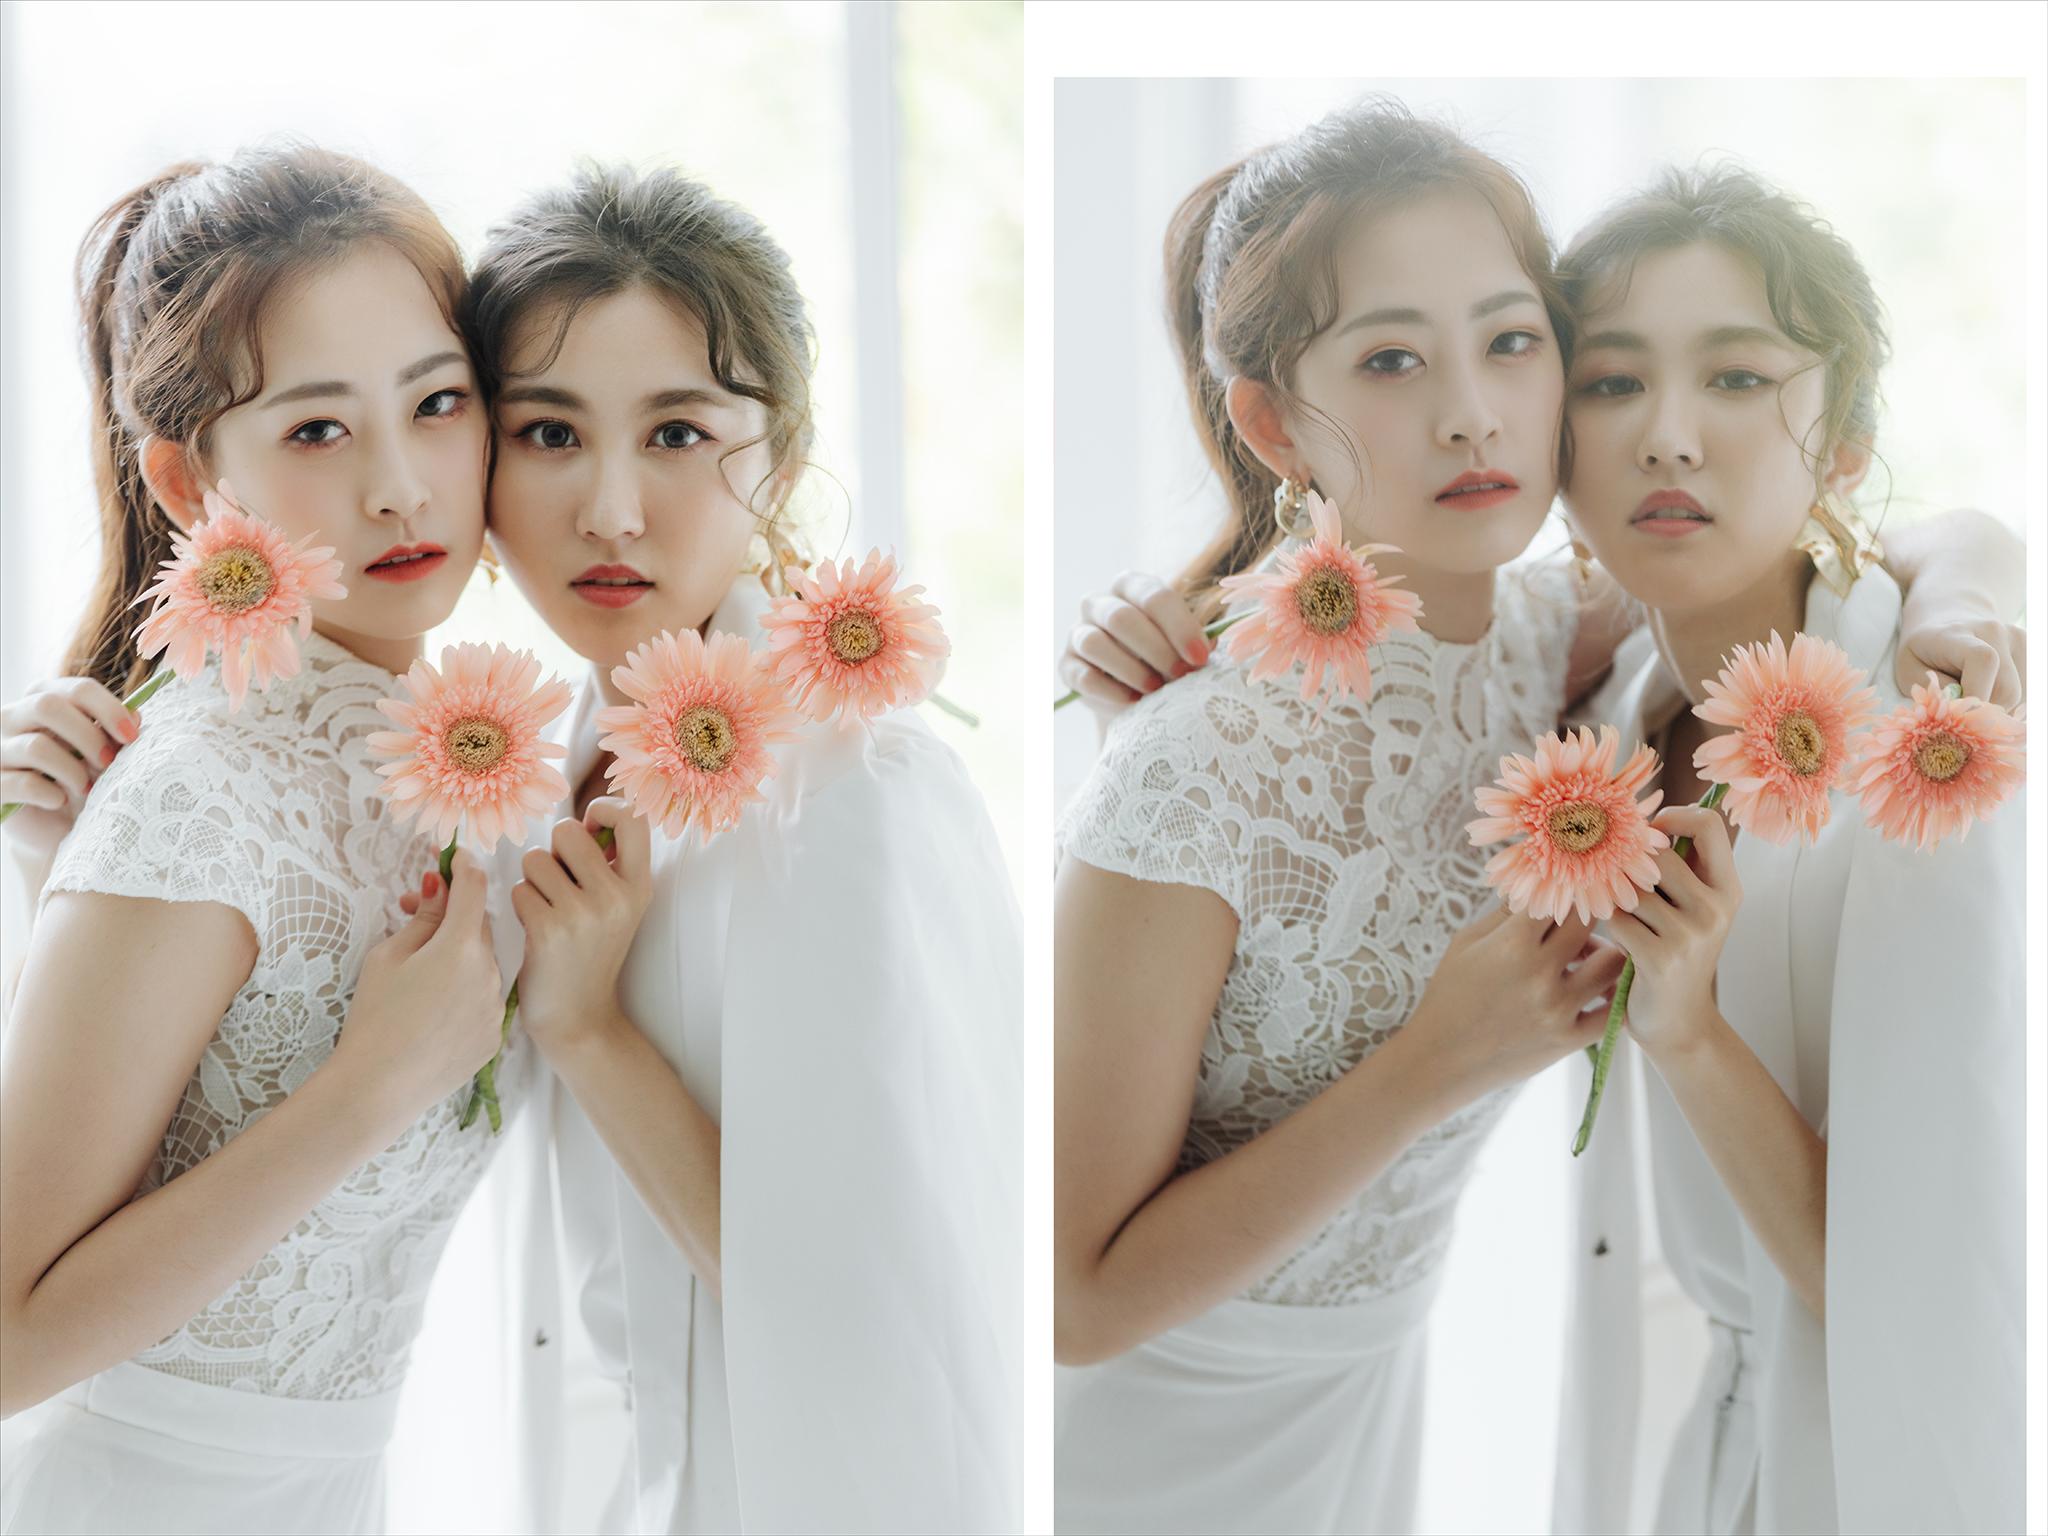 49929555217 29fcedbce4 o - 【閨蜜婚紗】+Jessy & Tiffany+